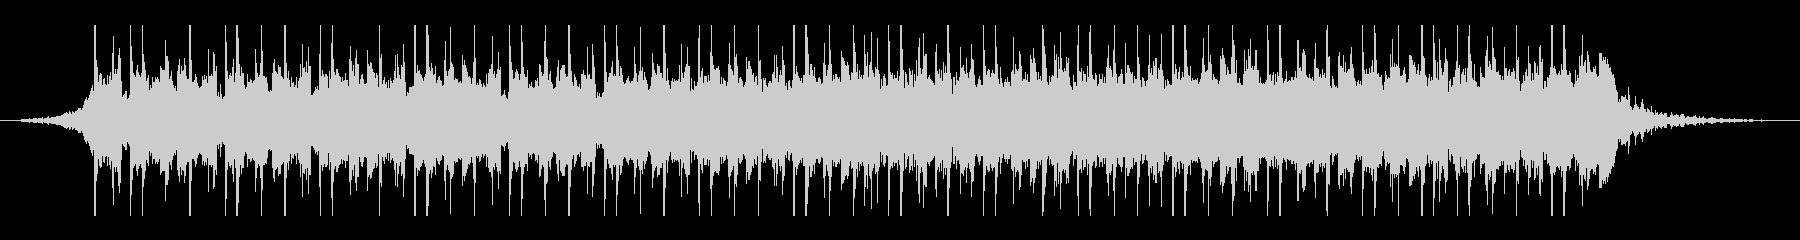 ラマダン(45秒)の未再生の波形